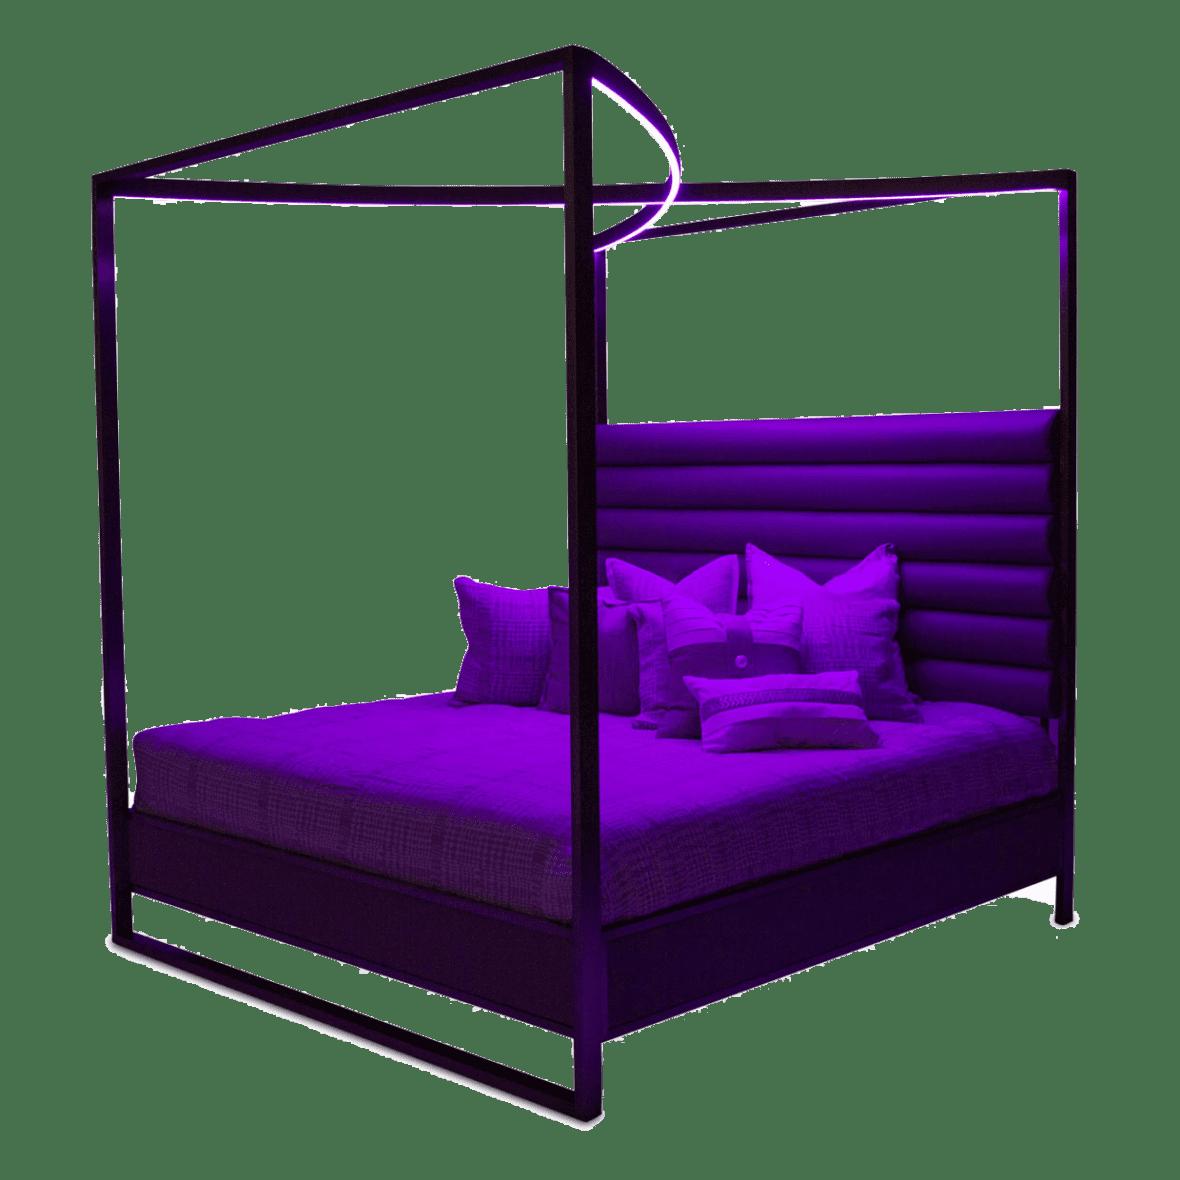 Кровать с декоративным балдахином с подсветкой, размер Cal King